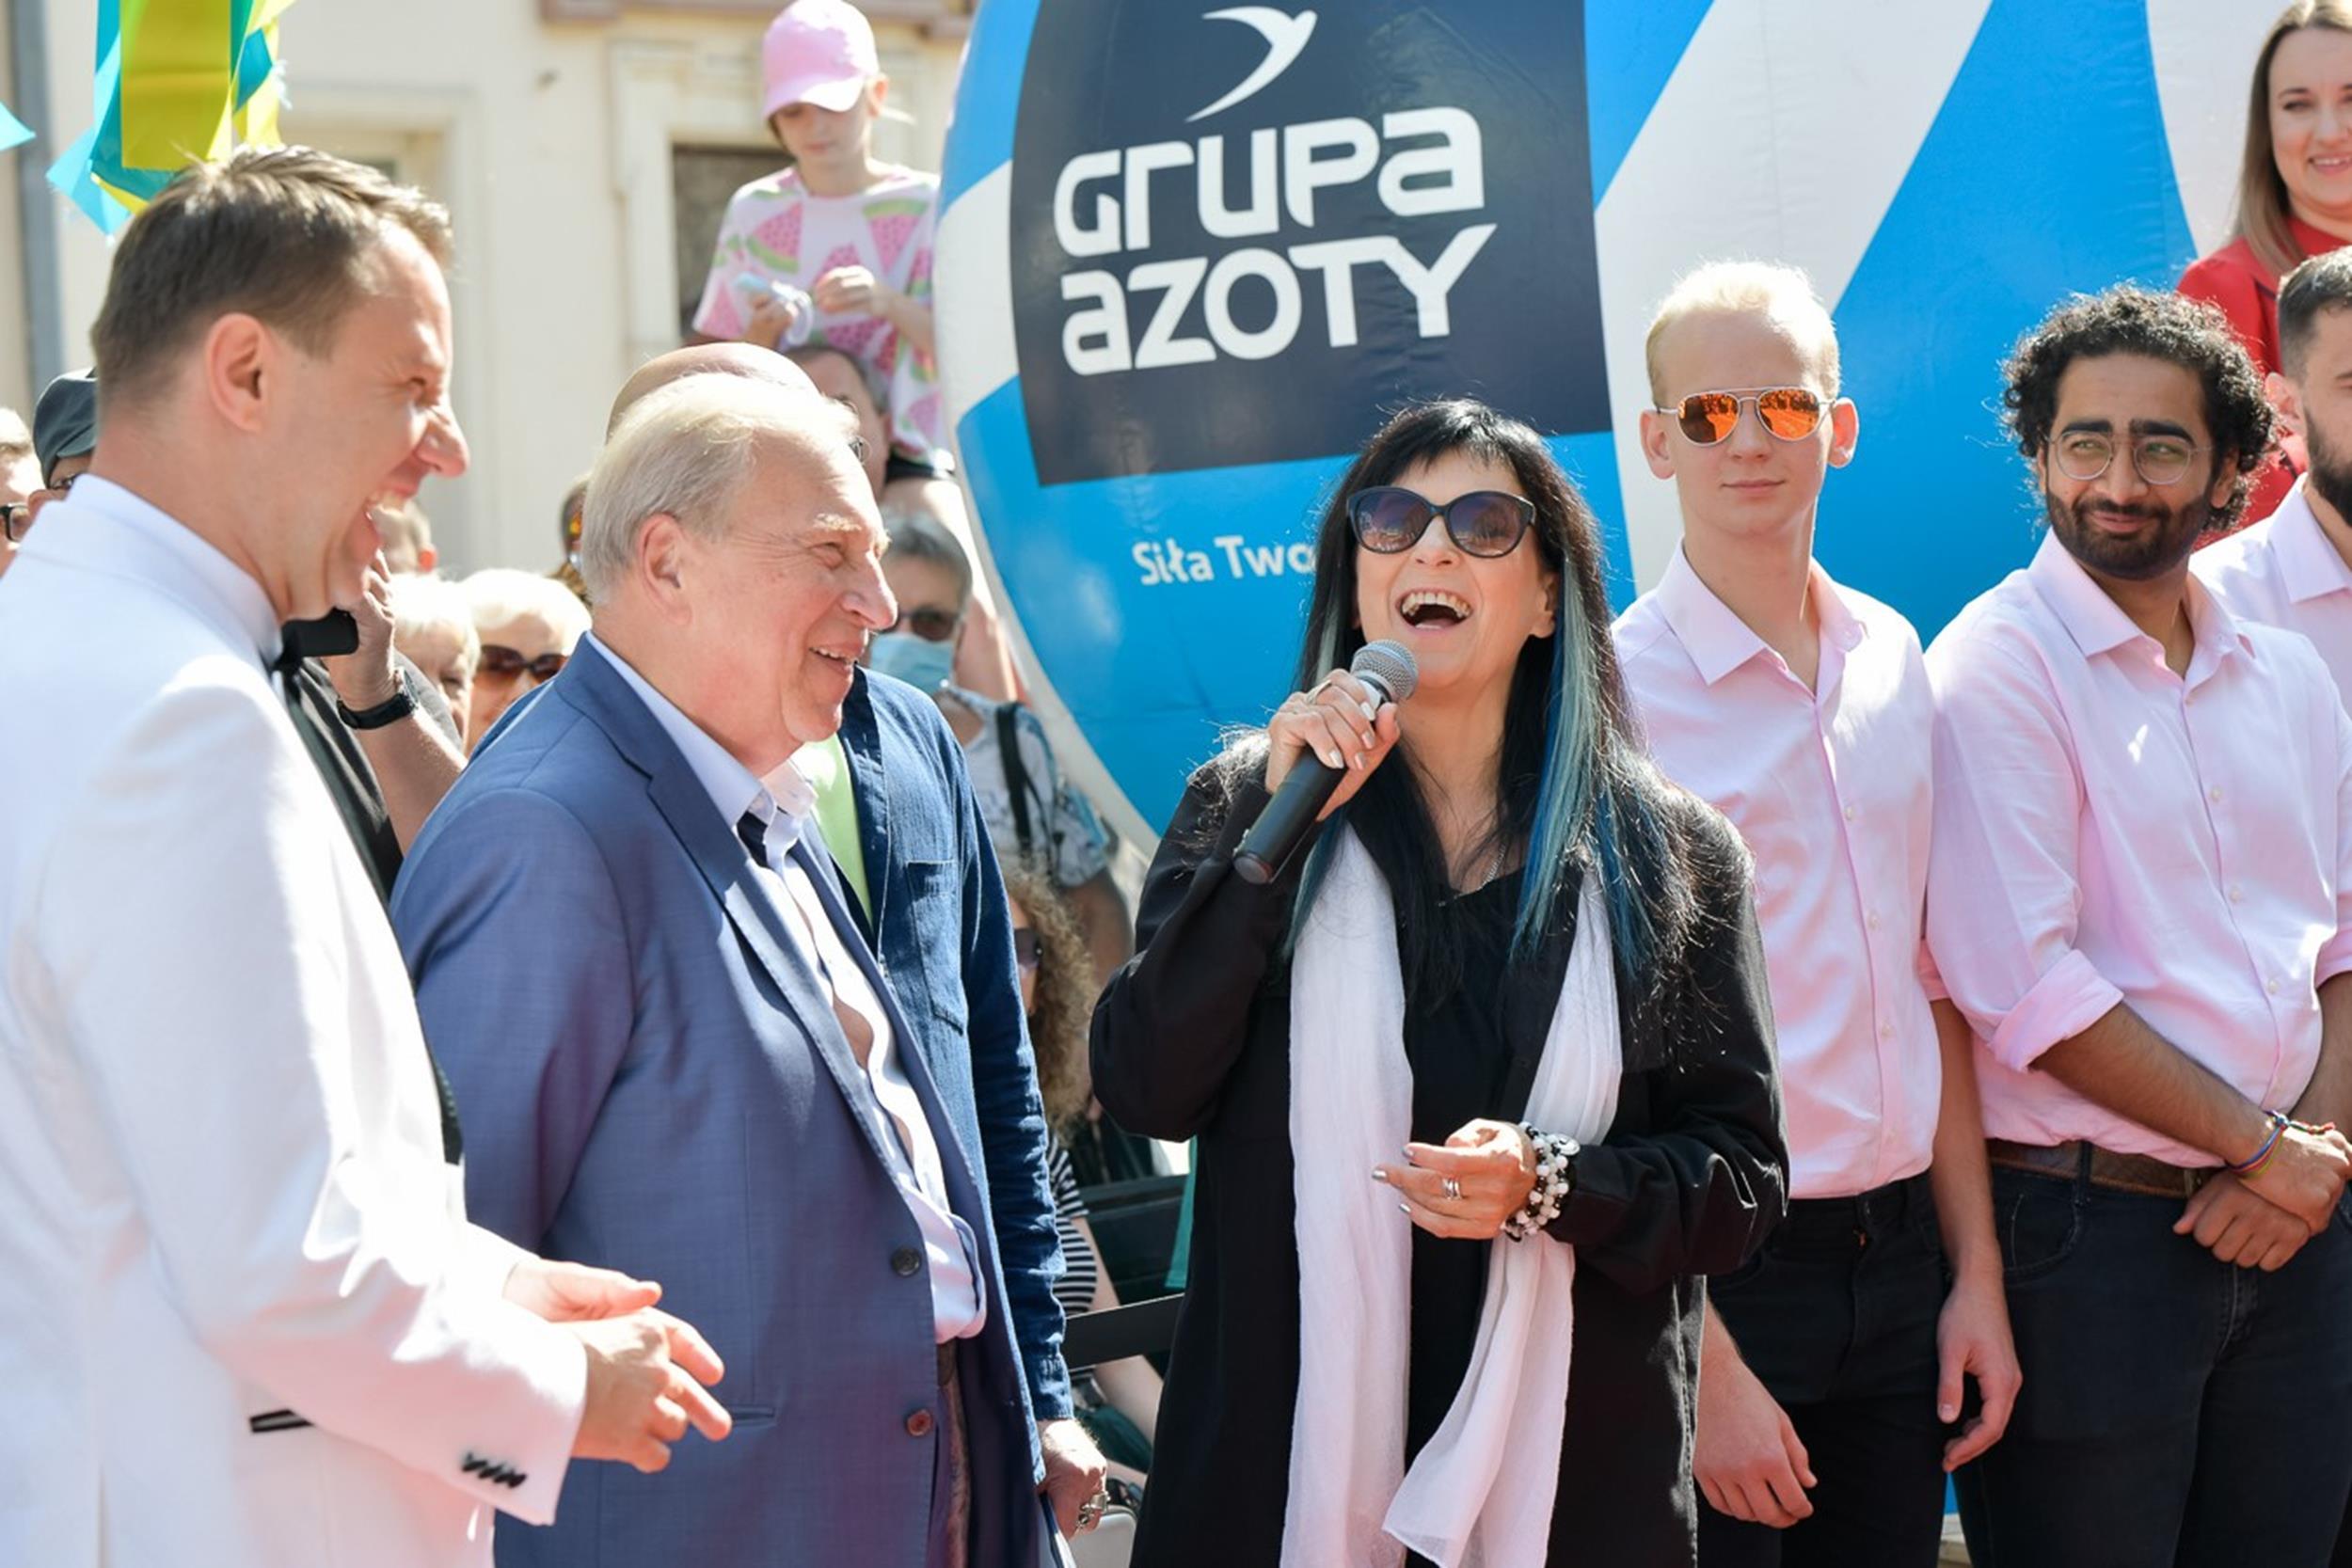 (od lewej) Arkadiusz Wiśniewski Prezydent Miasta Opole, Jerzy Stuhr, Wanda Kwietniewska fot. Sławoj Dubiel